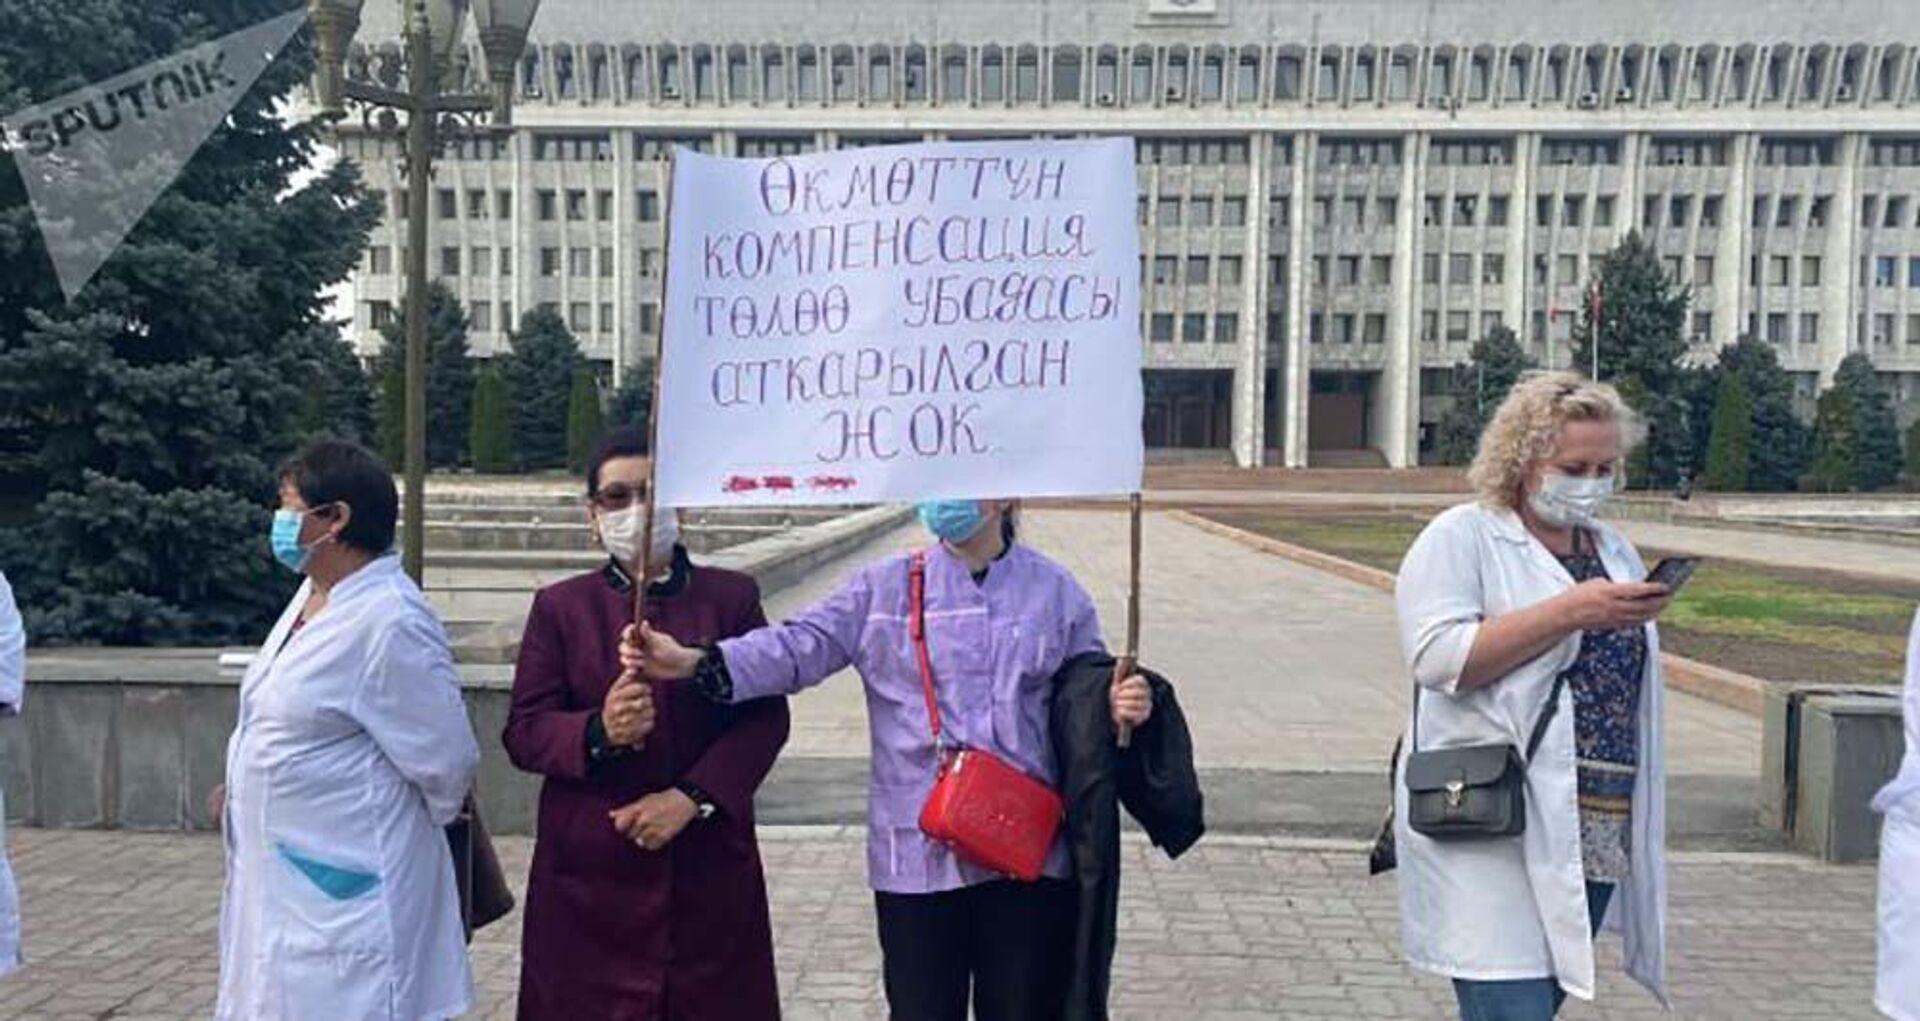 Митинг медицинских работников у здания Жогорку Кенеша в Бишкеке. 16 апреля 2021 года - Sputnik Тоҷикистон, 1920, 16.04.2021